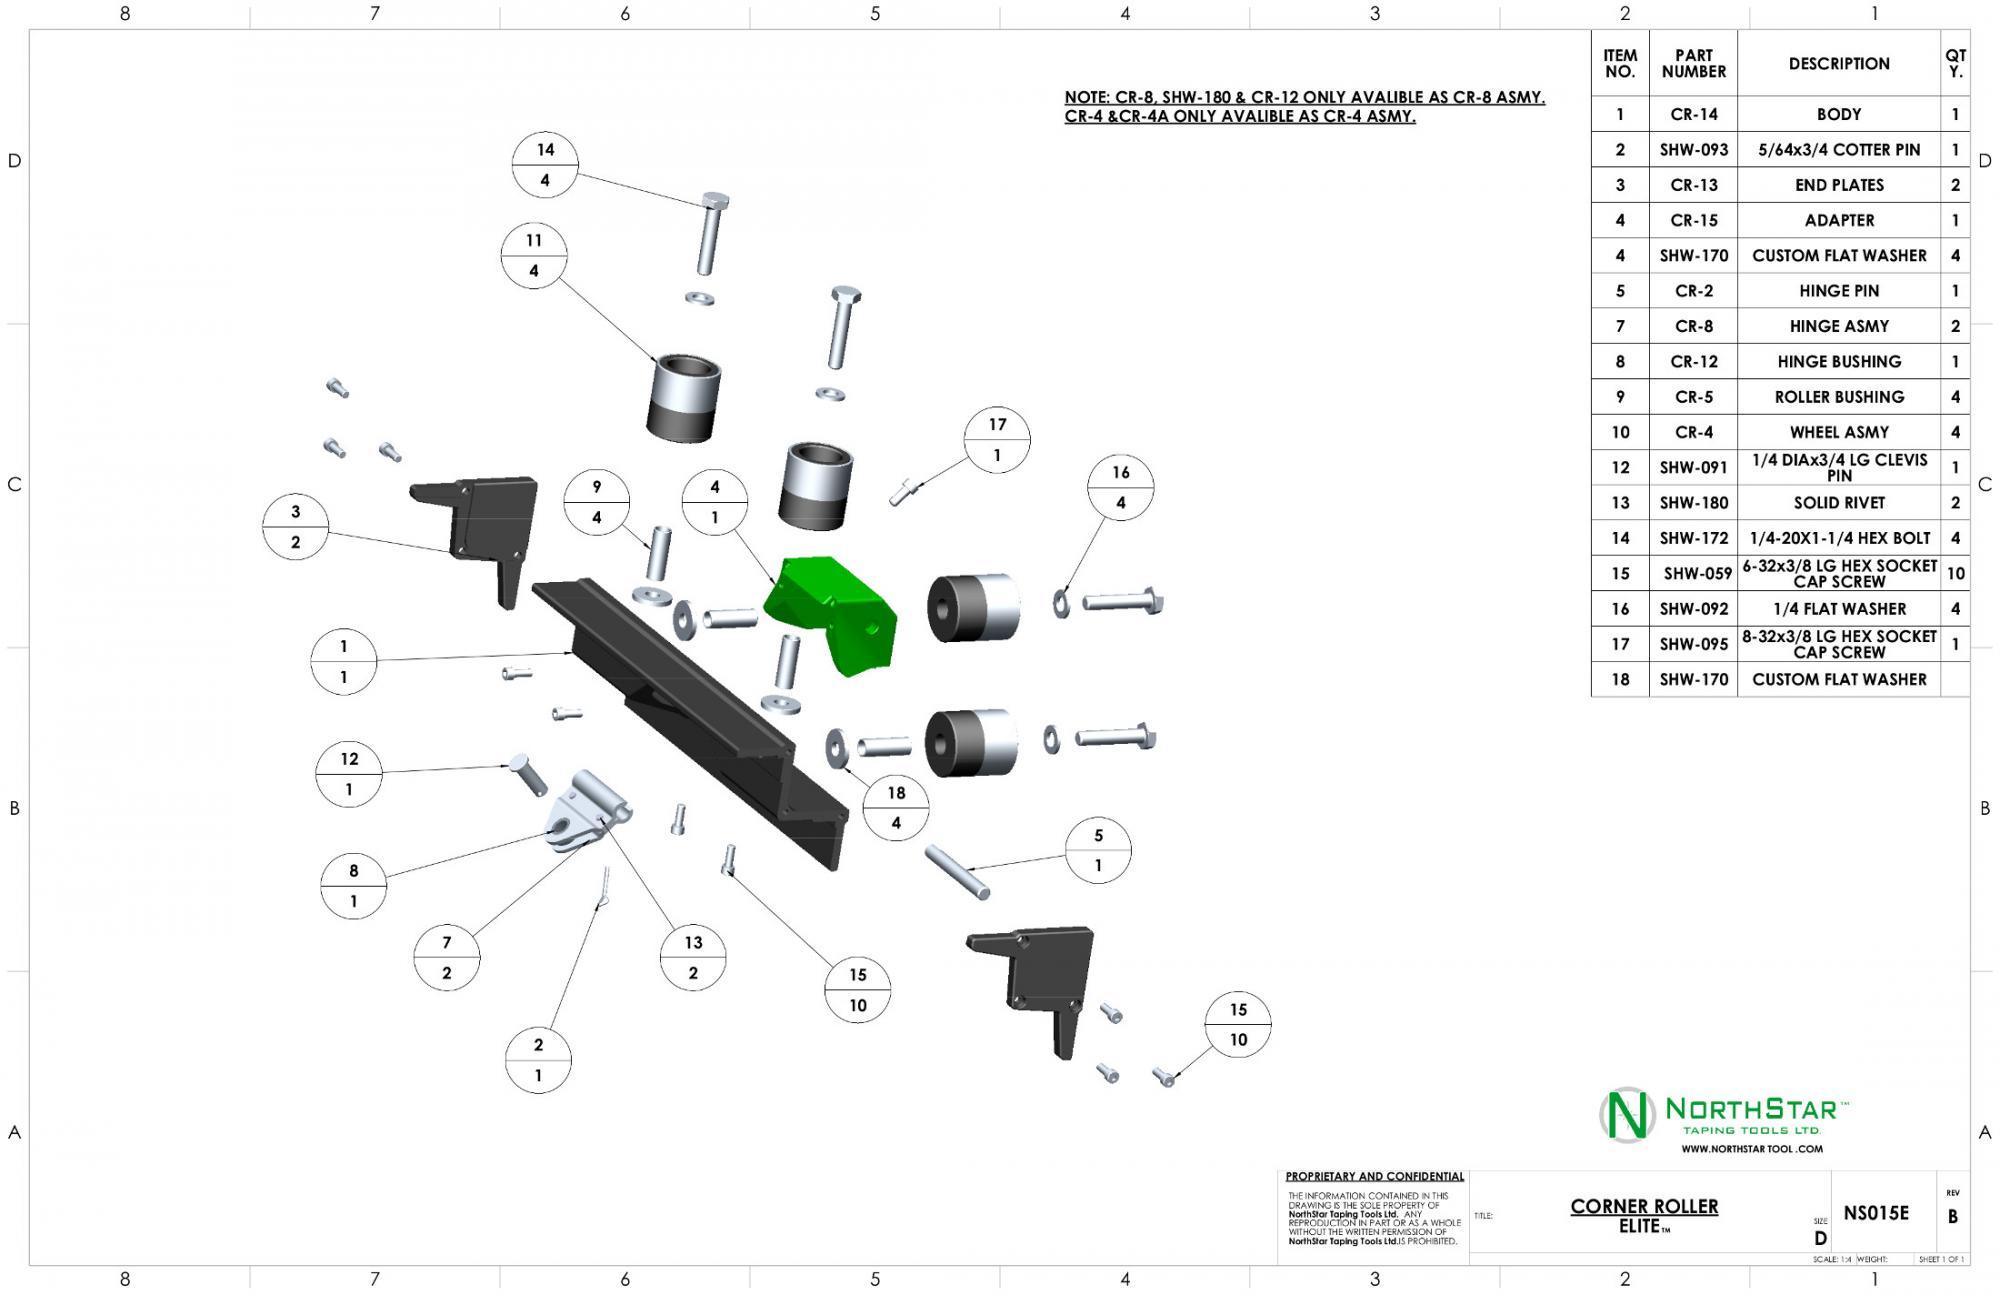 northstar corner roller parts